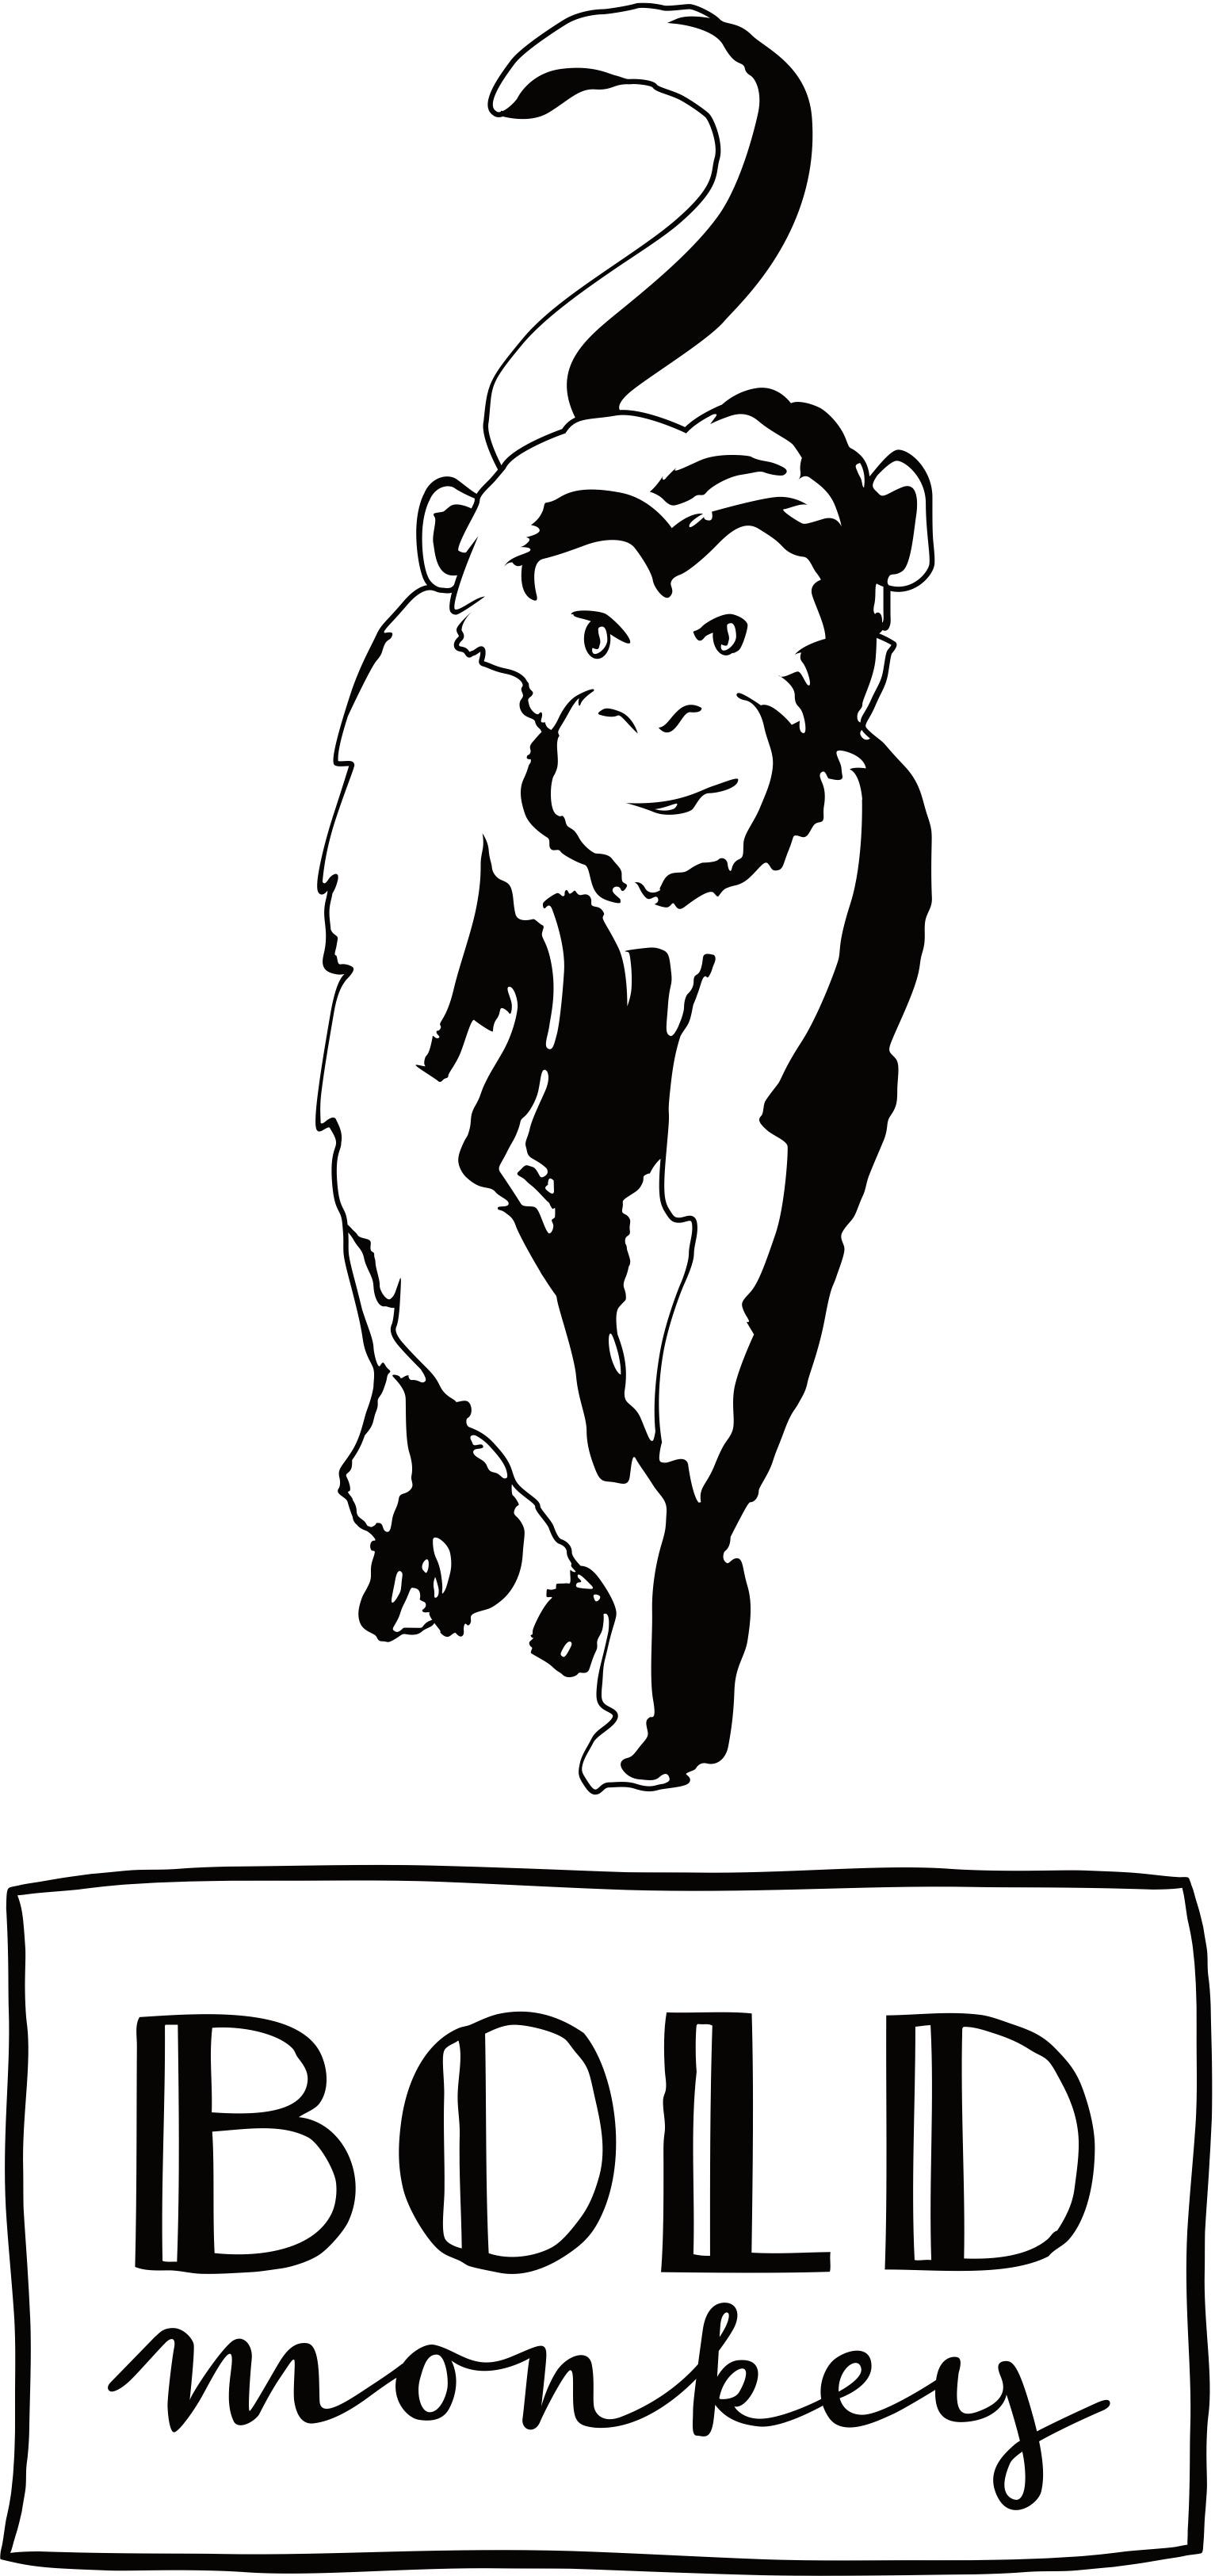 bold monkey gouden krokodil beeld klein